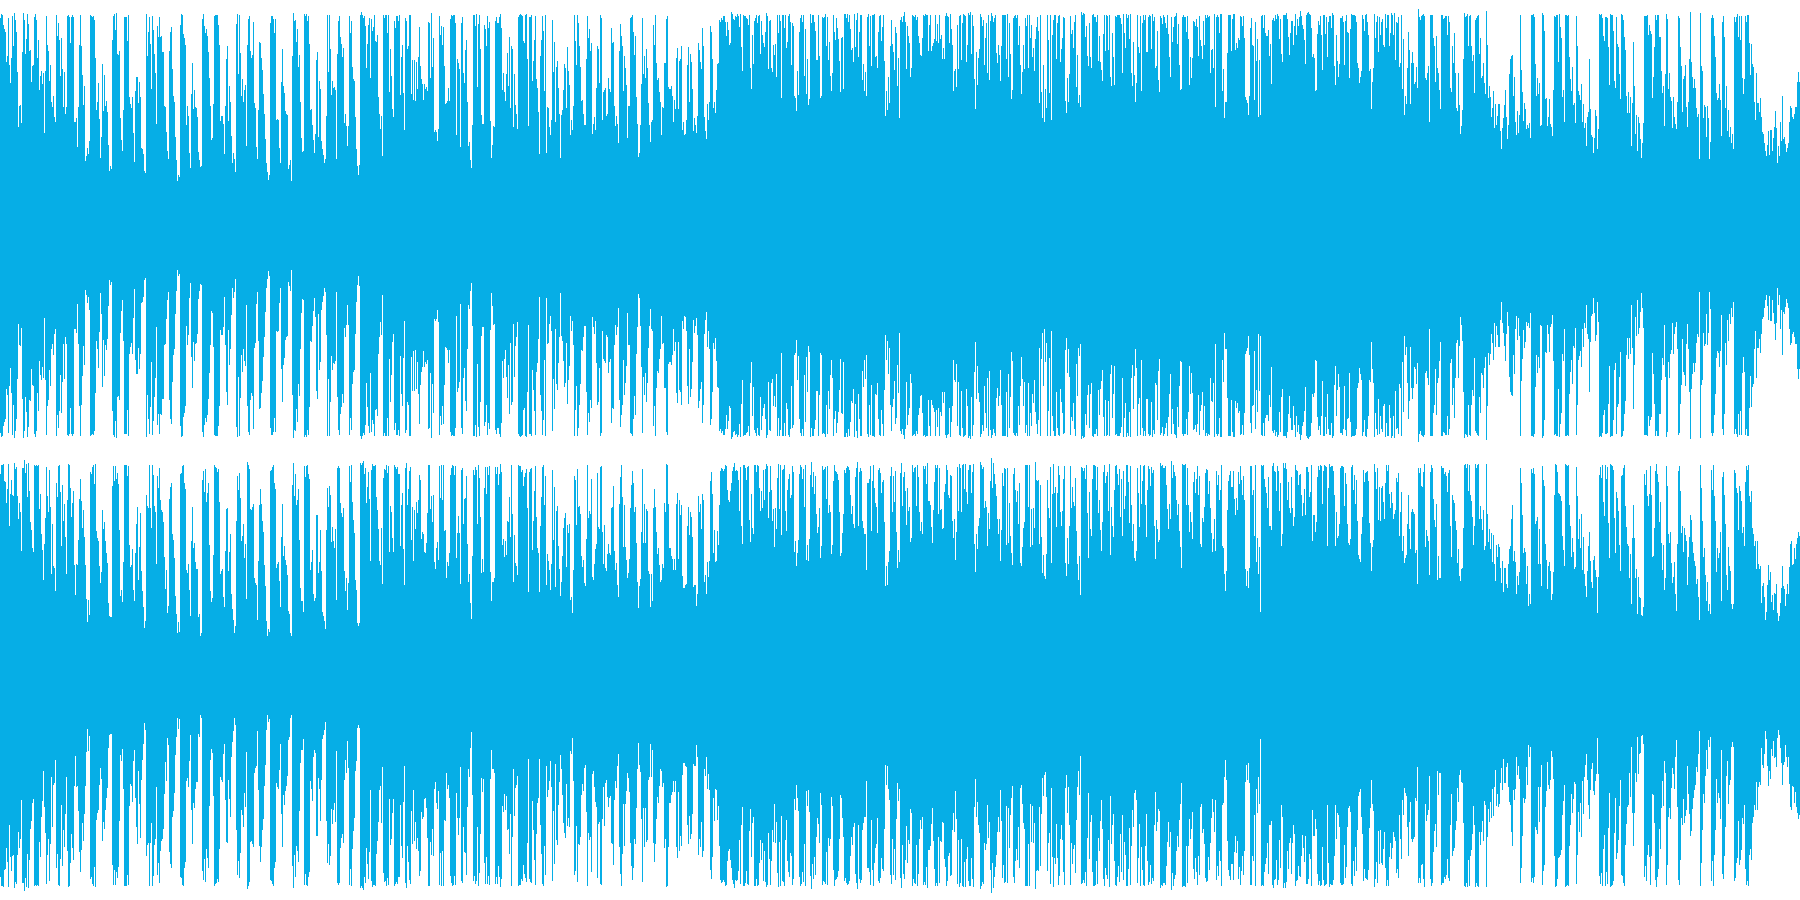 ループ、対戦、シューティング、BGMの再生済みの波形